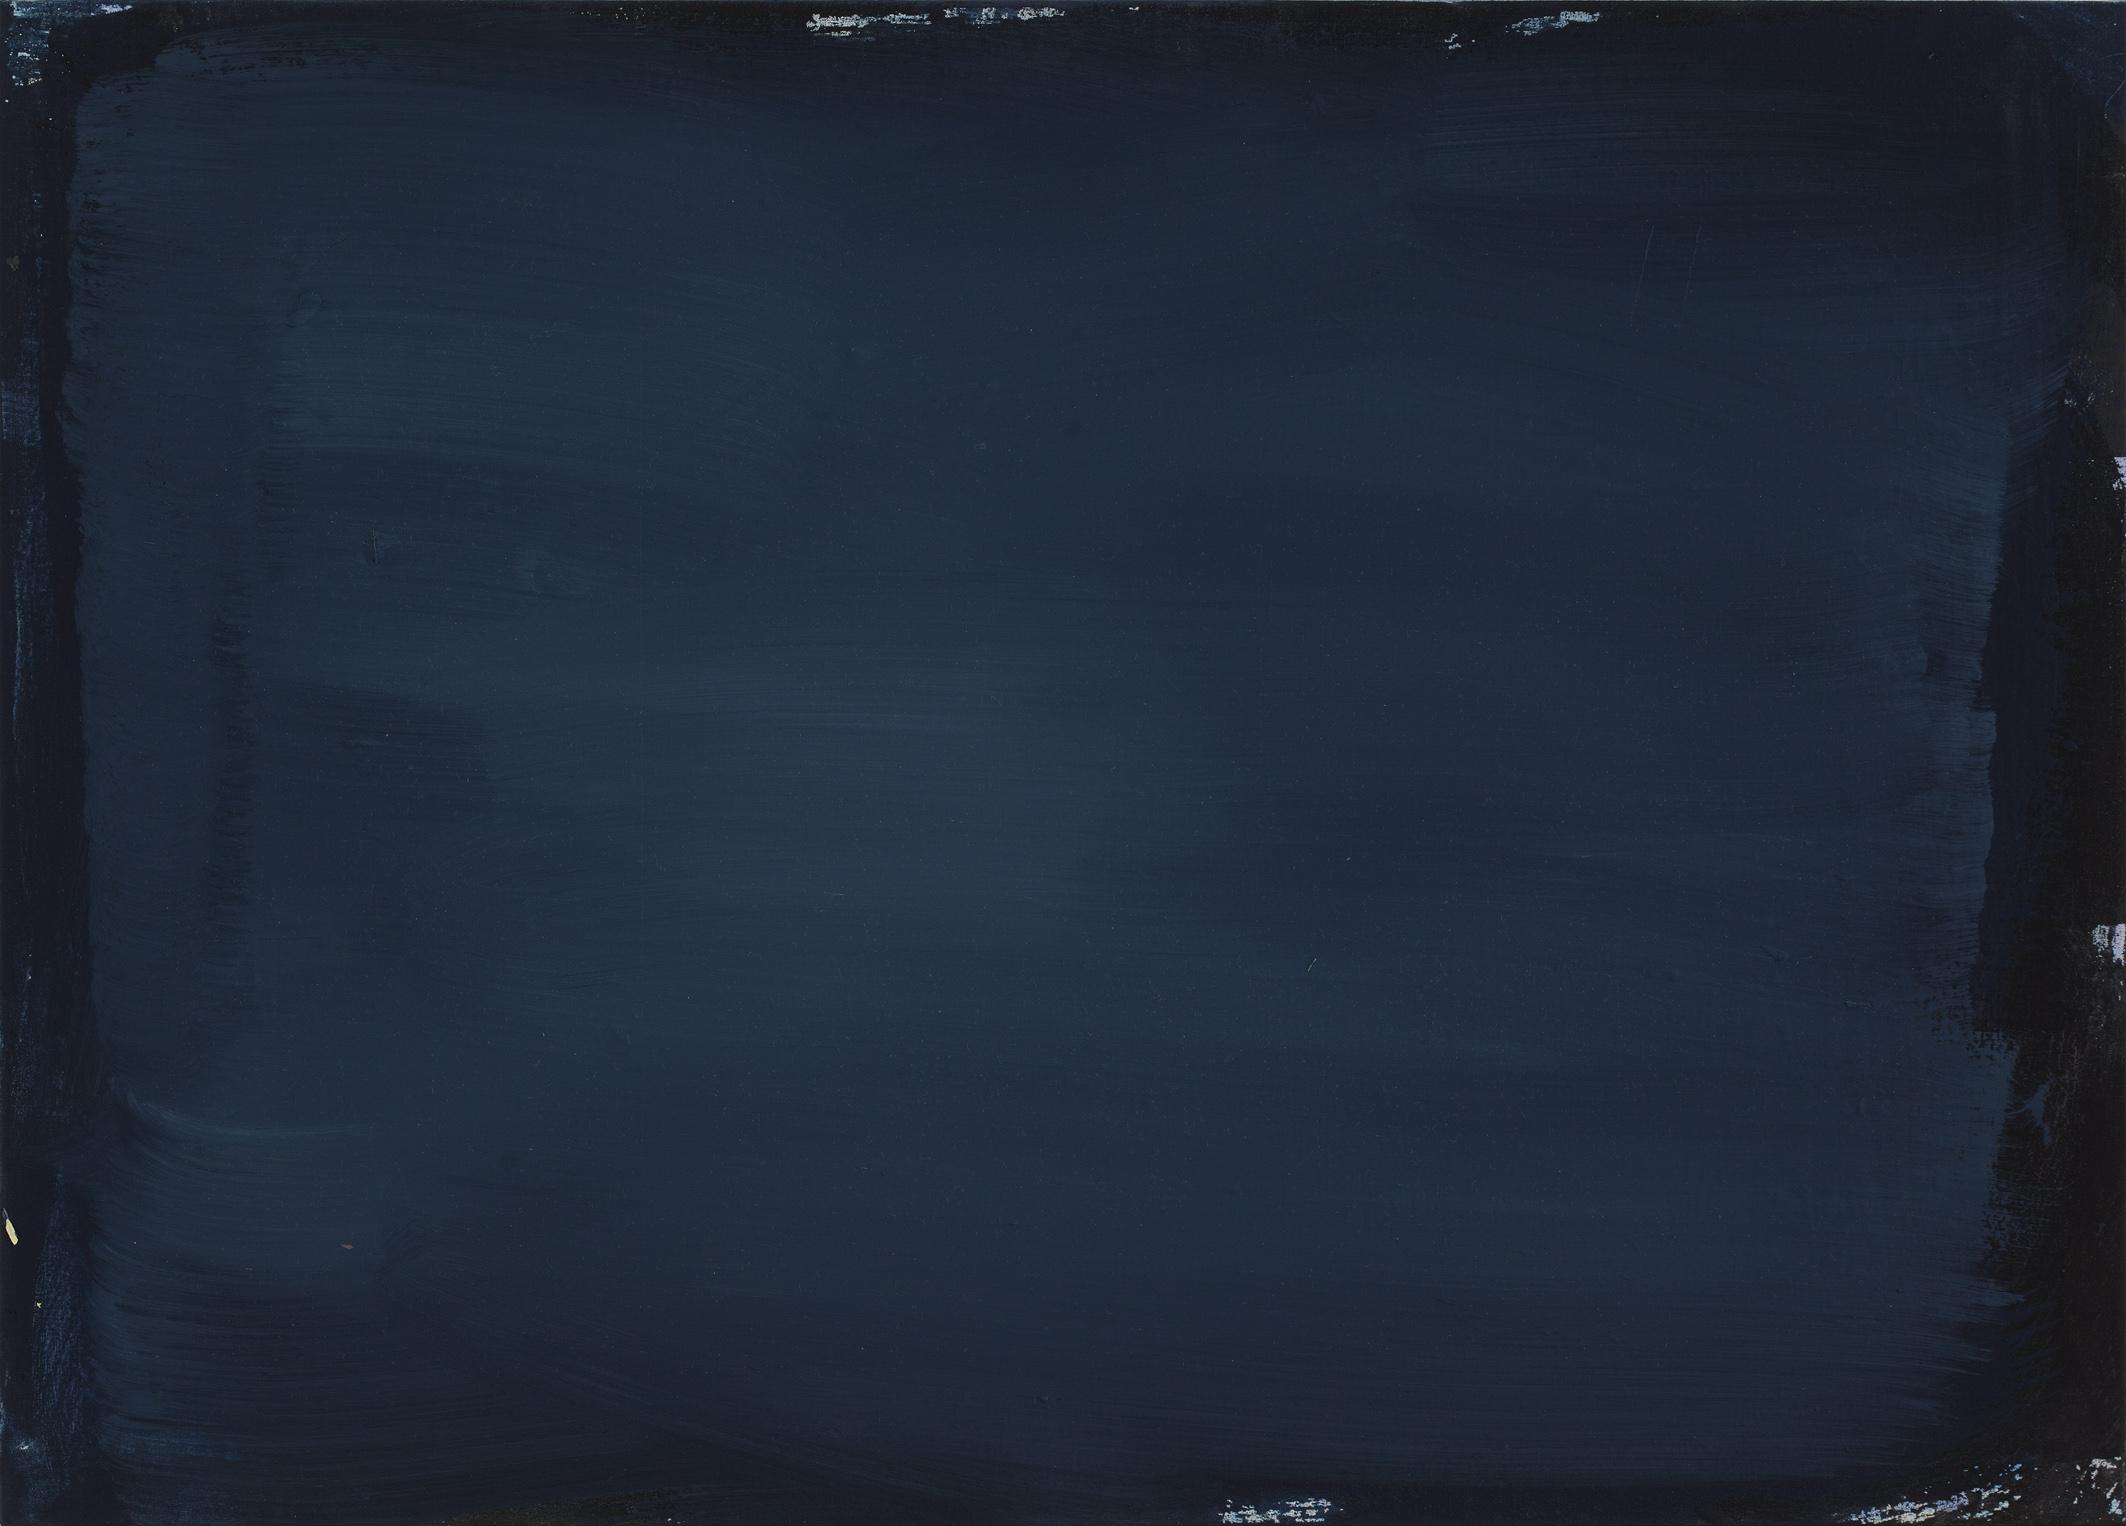 Gila Stolzenfuss - o.T. - 2020 80x100 cm